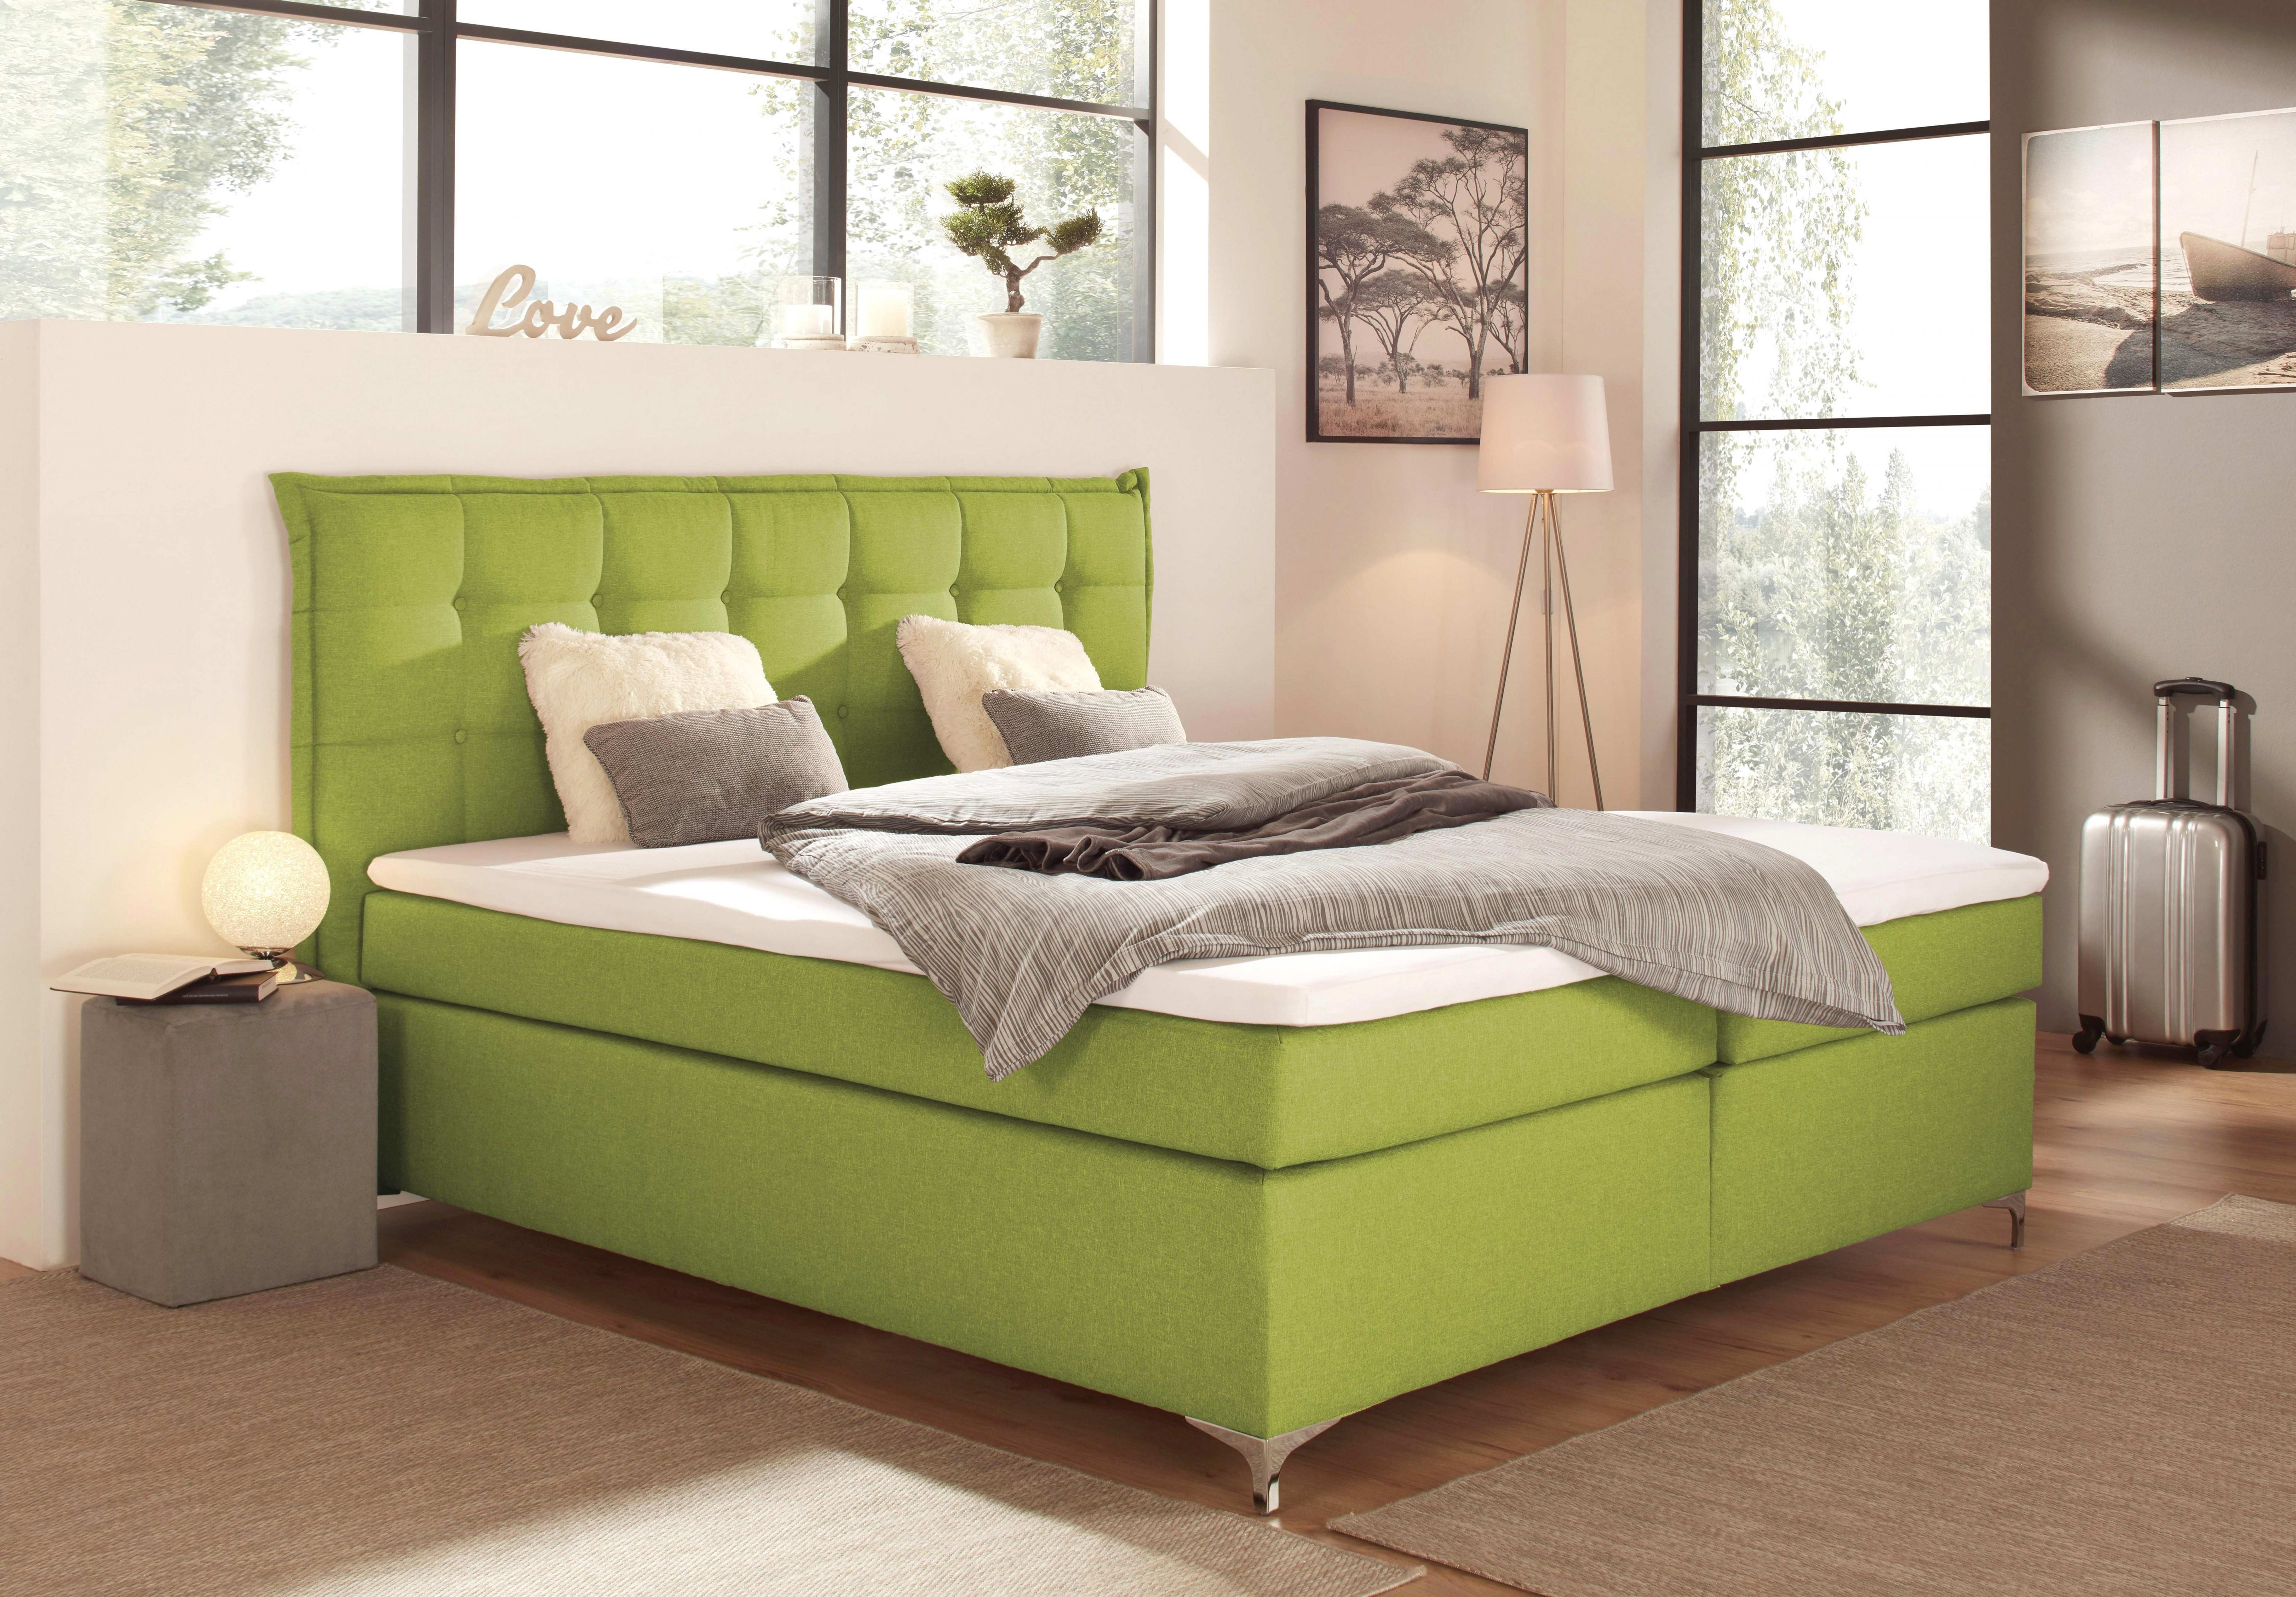 Bett Mit Bettkasten 140×200 Beste Beliebt Betten Günstig Line Kaufen von Betten Günstig Kaufen 140X200 Bild